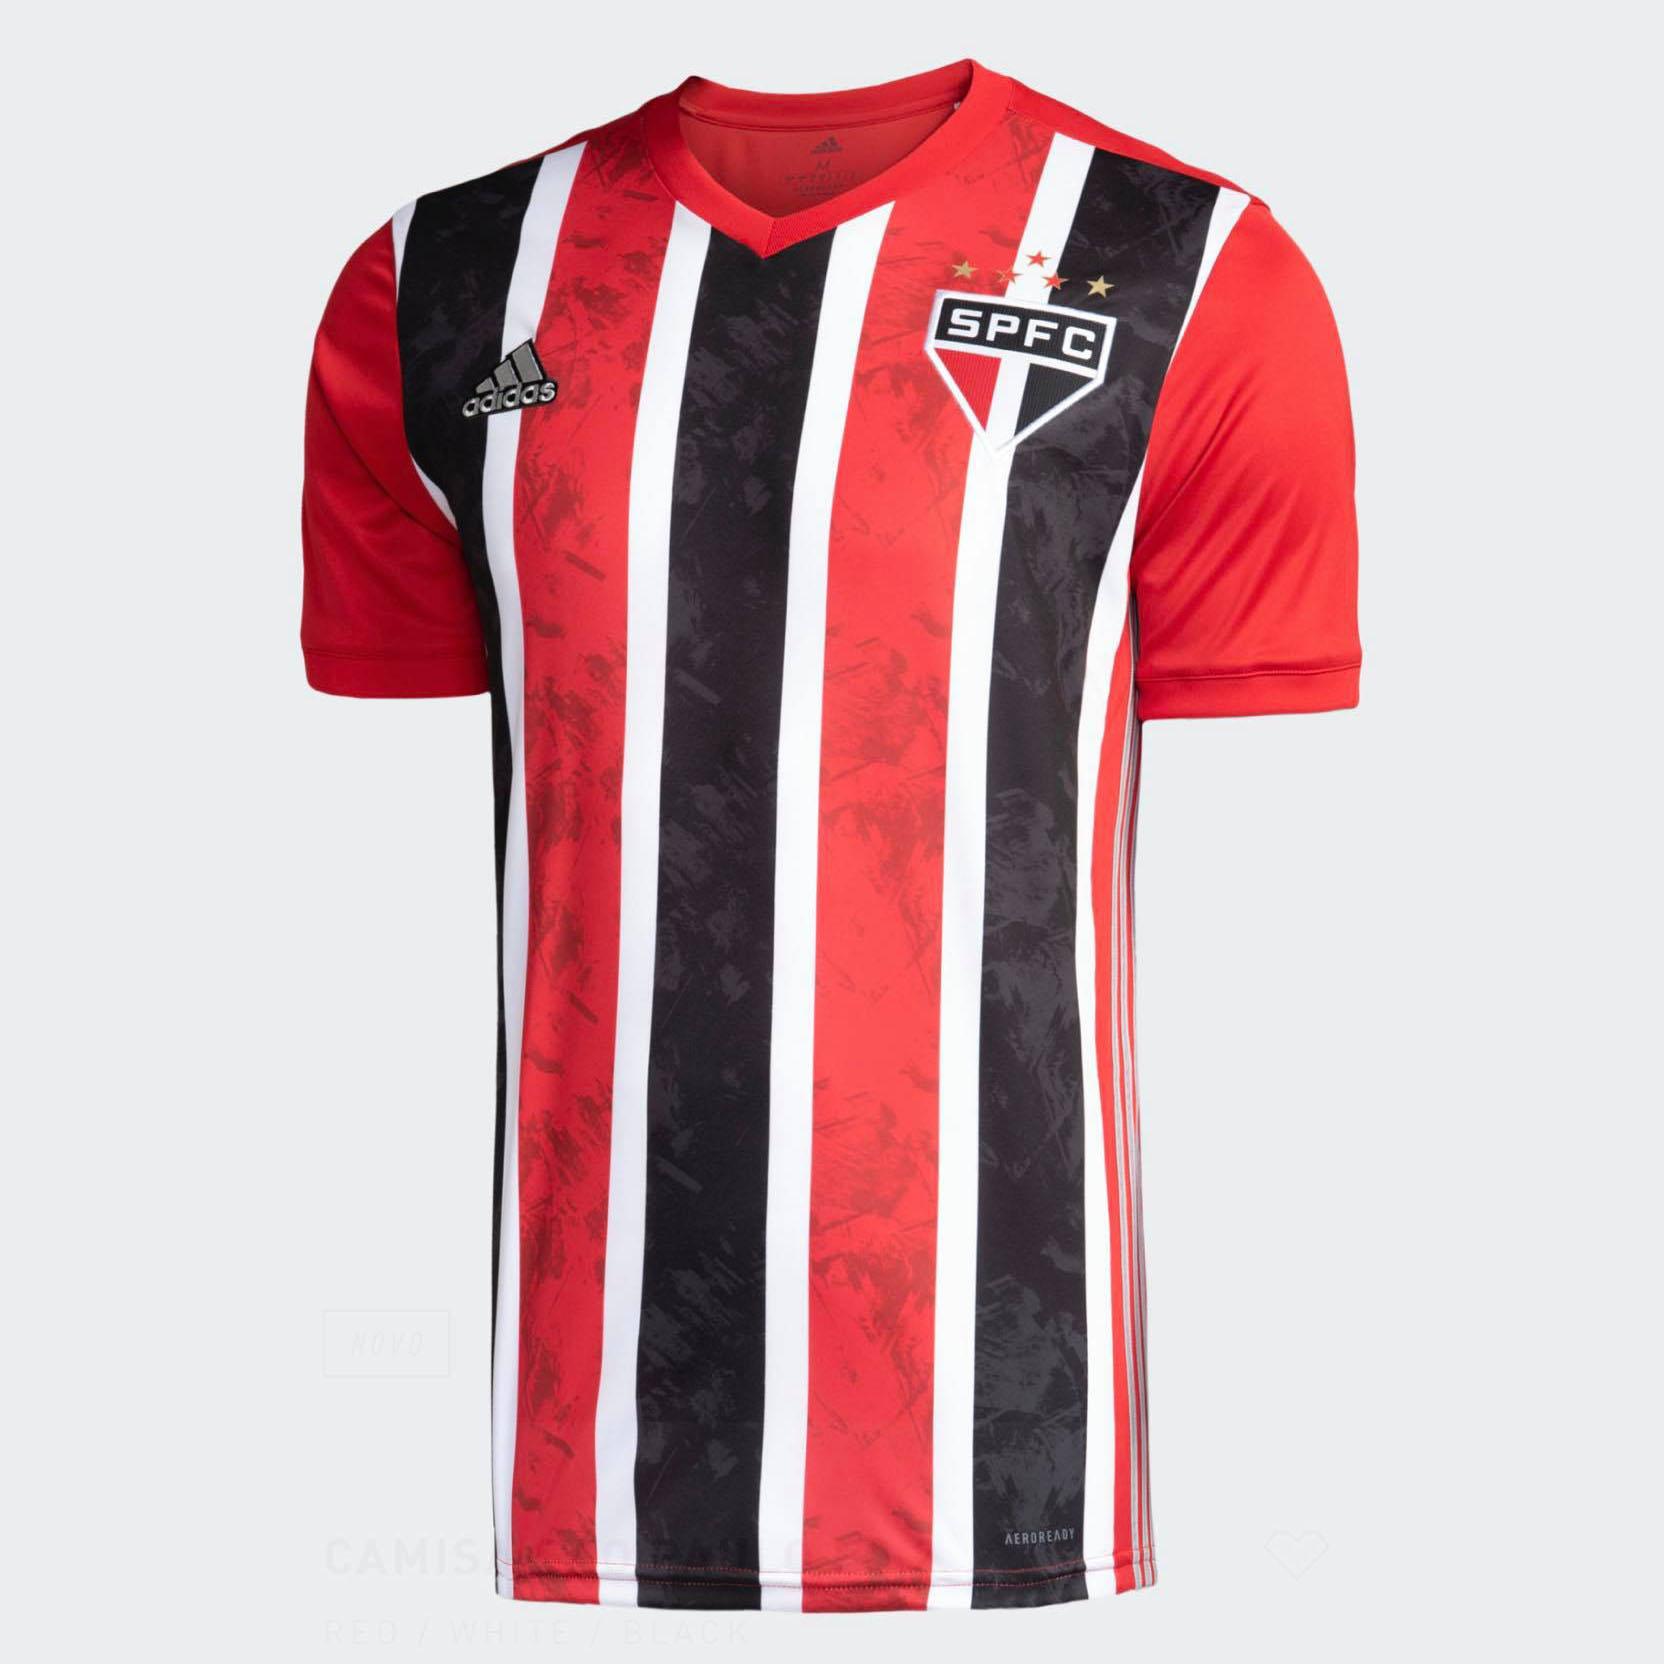 Camiseta Adidas Sao Paulo 2 Branca/Vermelha/Preta 2021